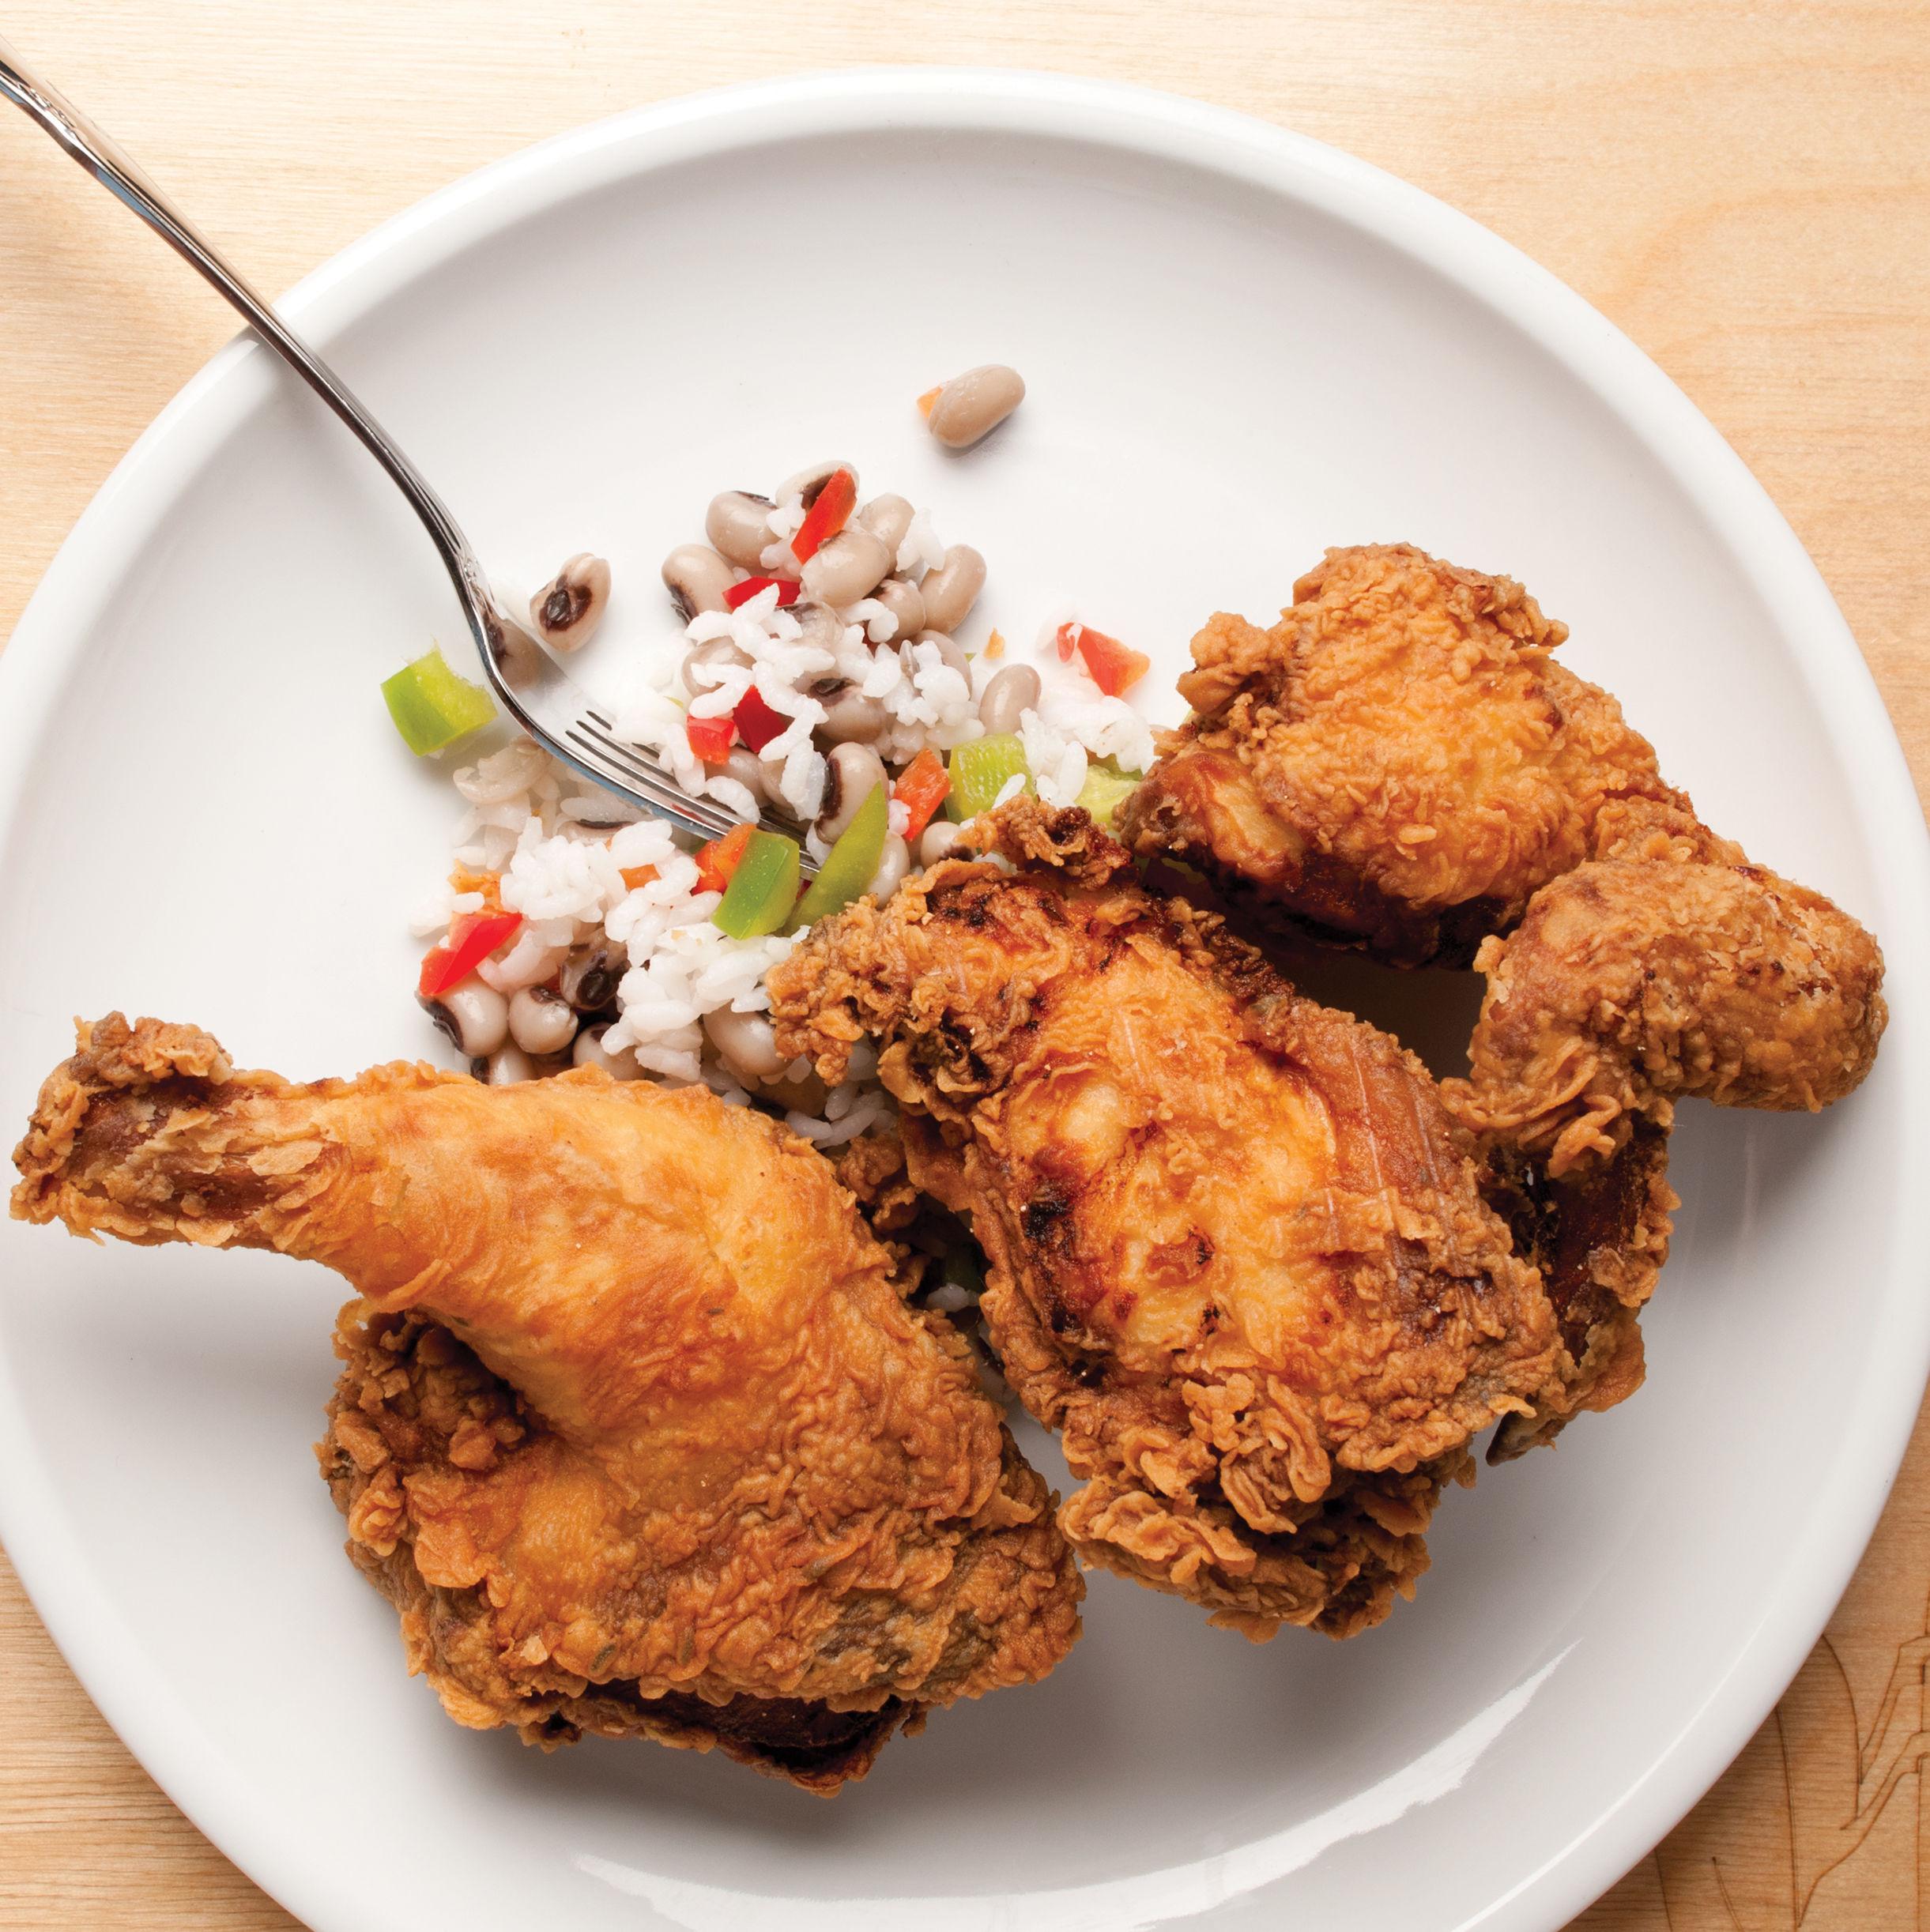 Chicken2 oitm7n